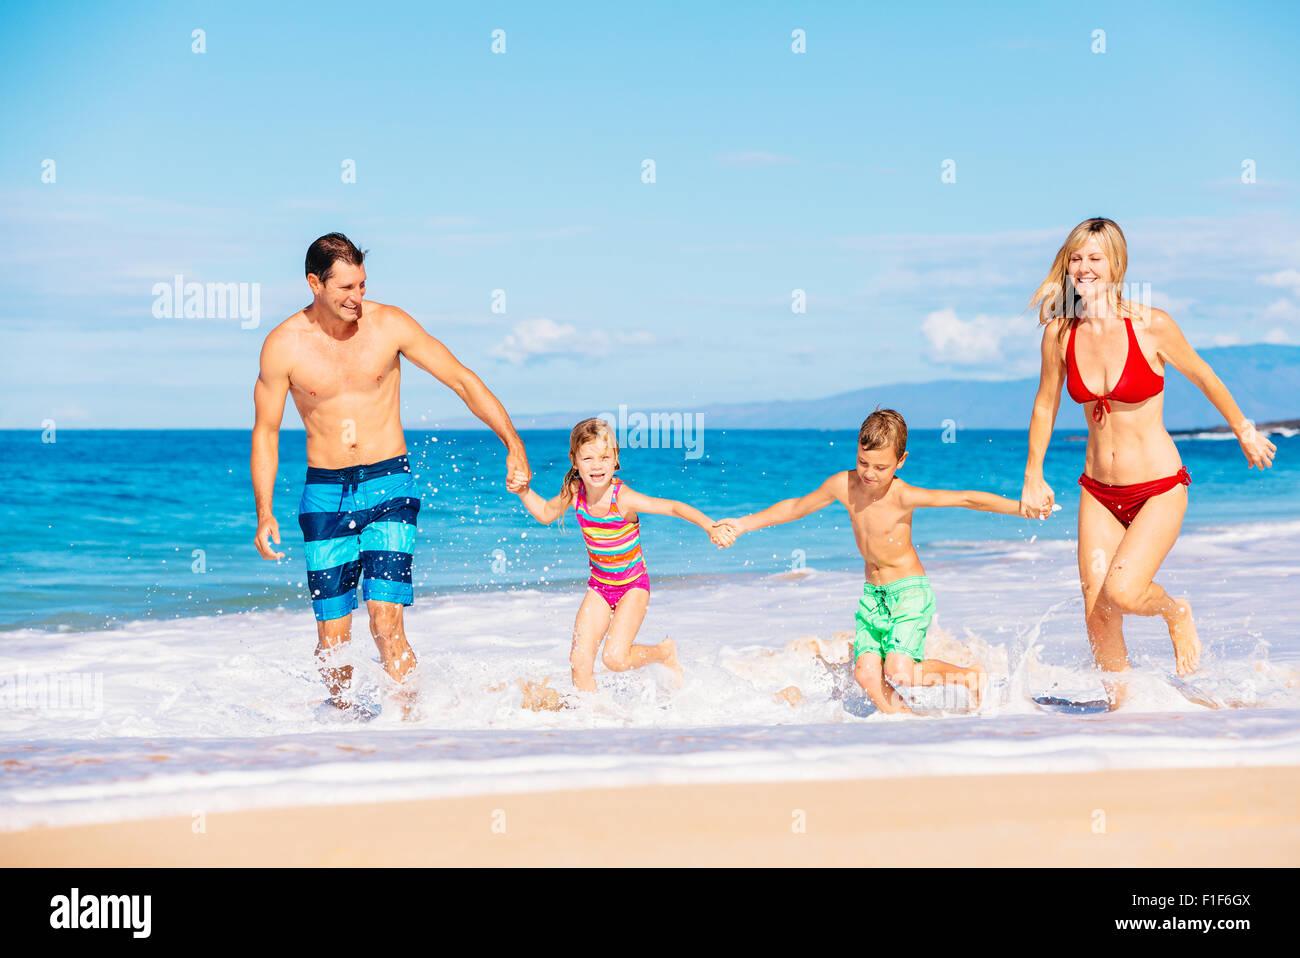 Vacances en famille. Happy Family having fun sur la belle plage ensoleillé chaud. Vie en plein air. Photo Stock